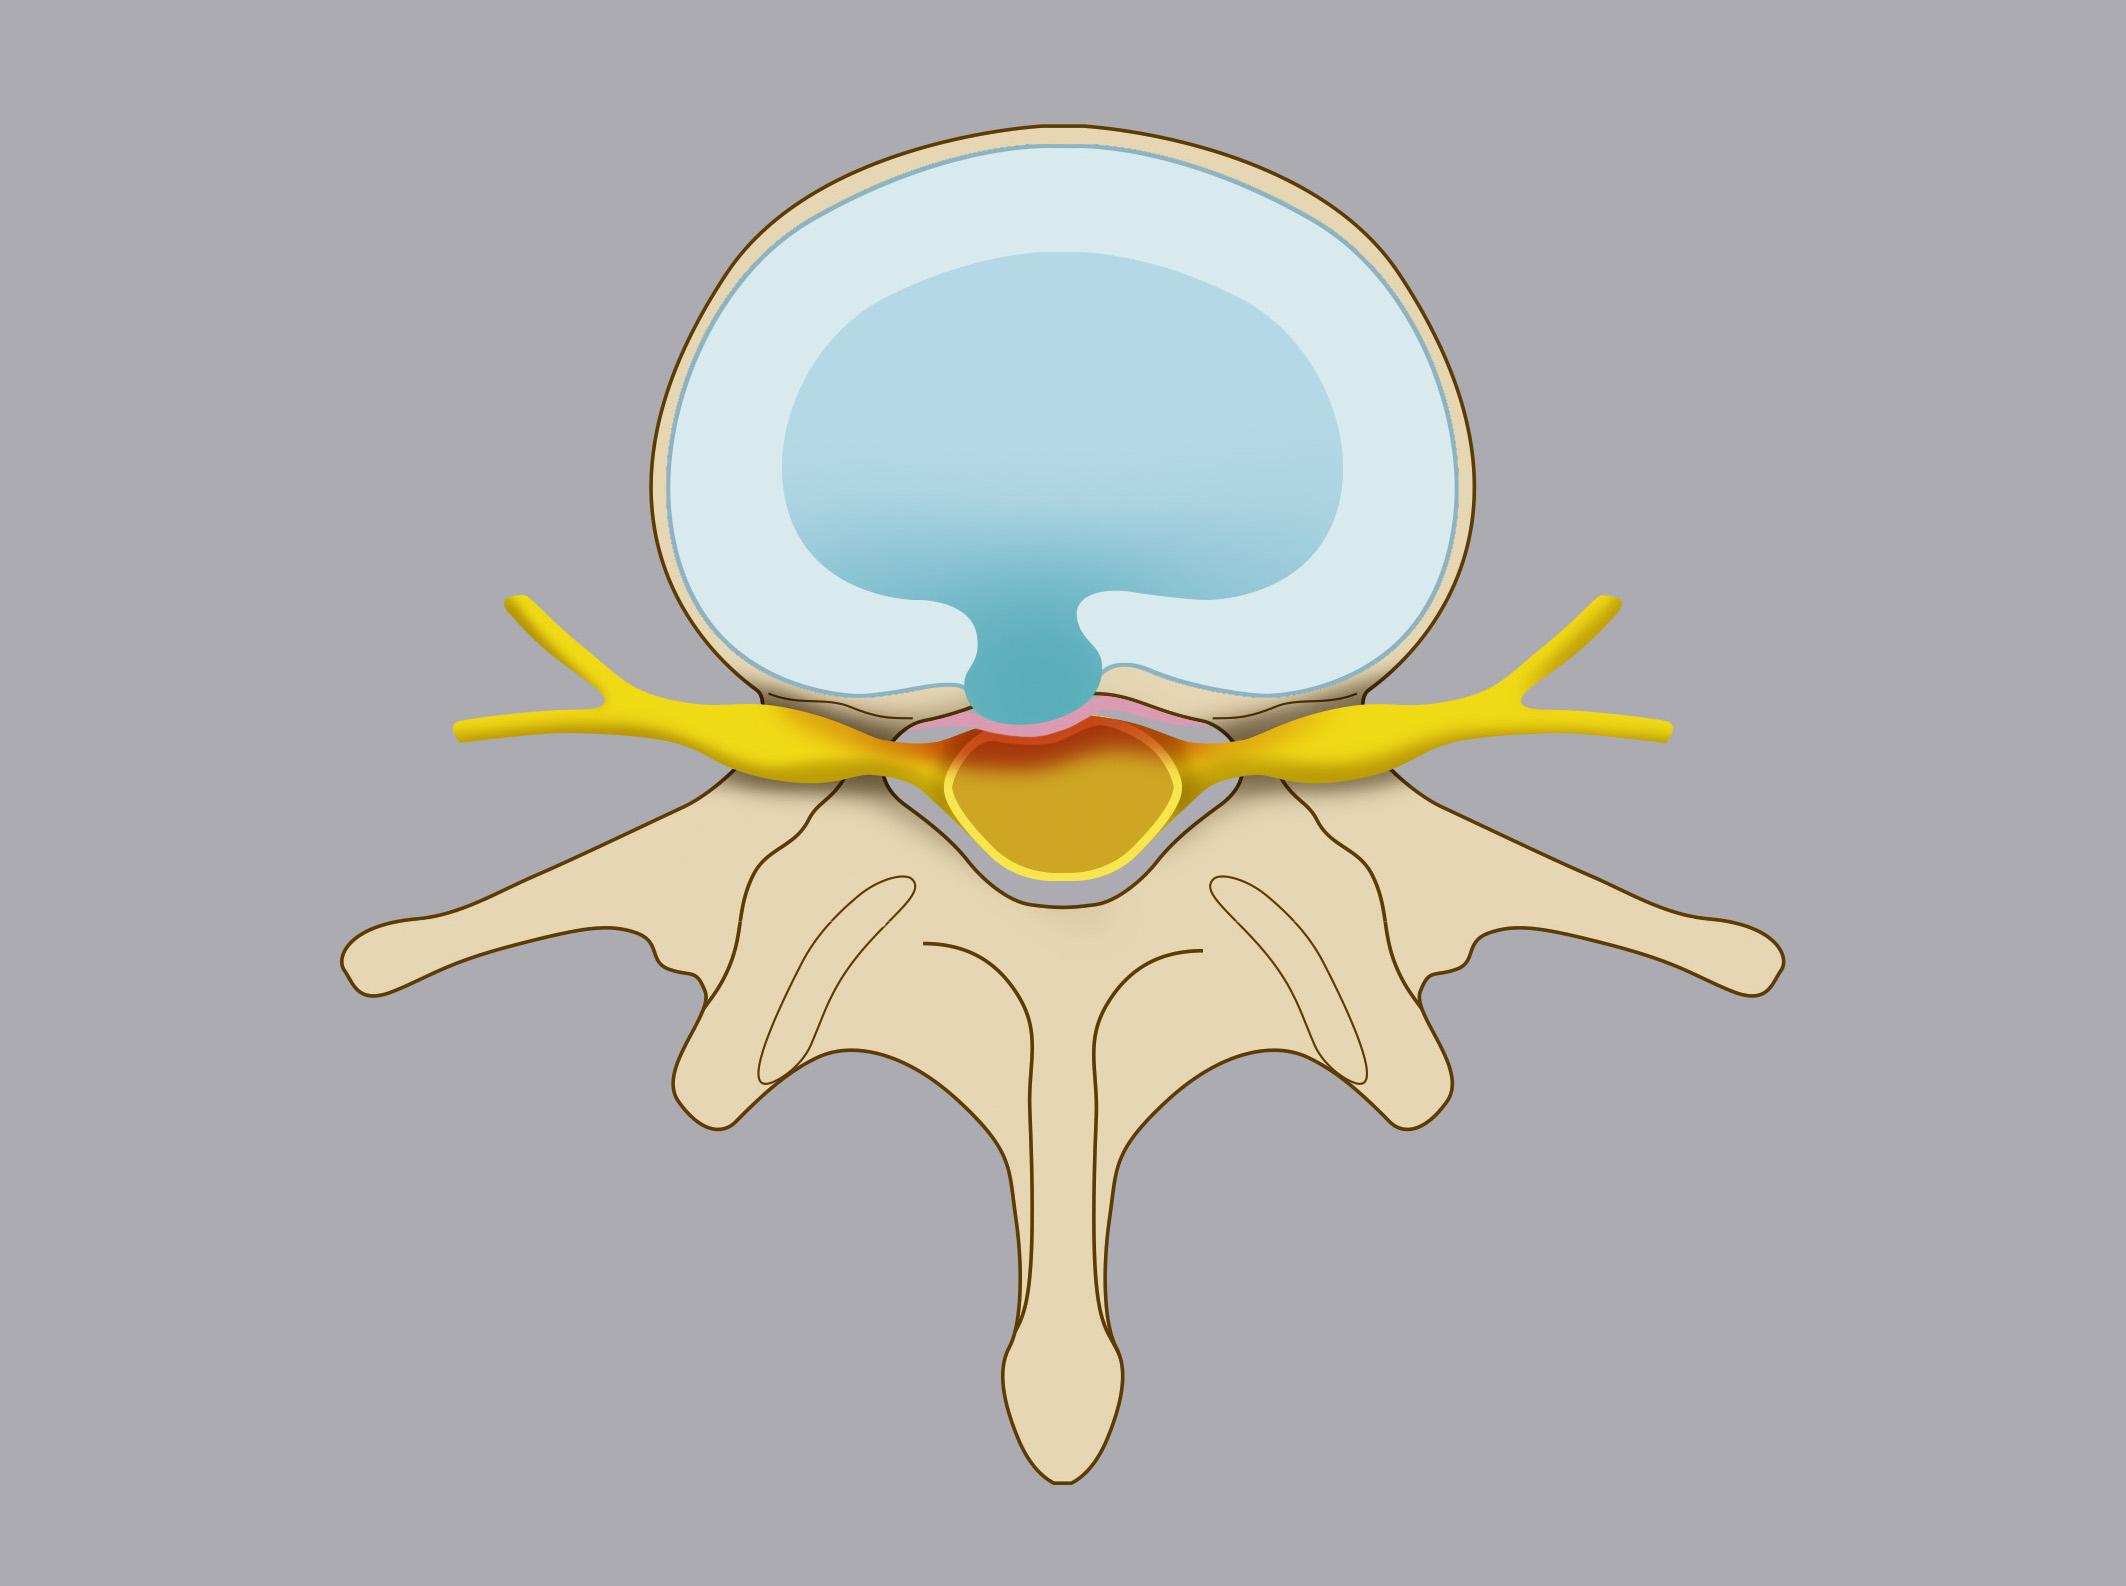 Ernia contenuta. Il nucleo polposo del disco aggetta nel canale vertebrale attraverso una breccia nell'anulus fibroso, ma è contenuto dal legamento longitudinale posteriore (del disegno rappresentato in colore rosa).